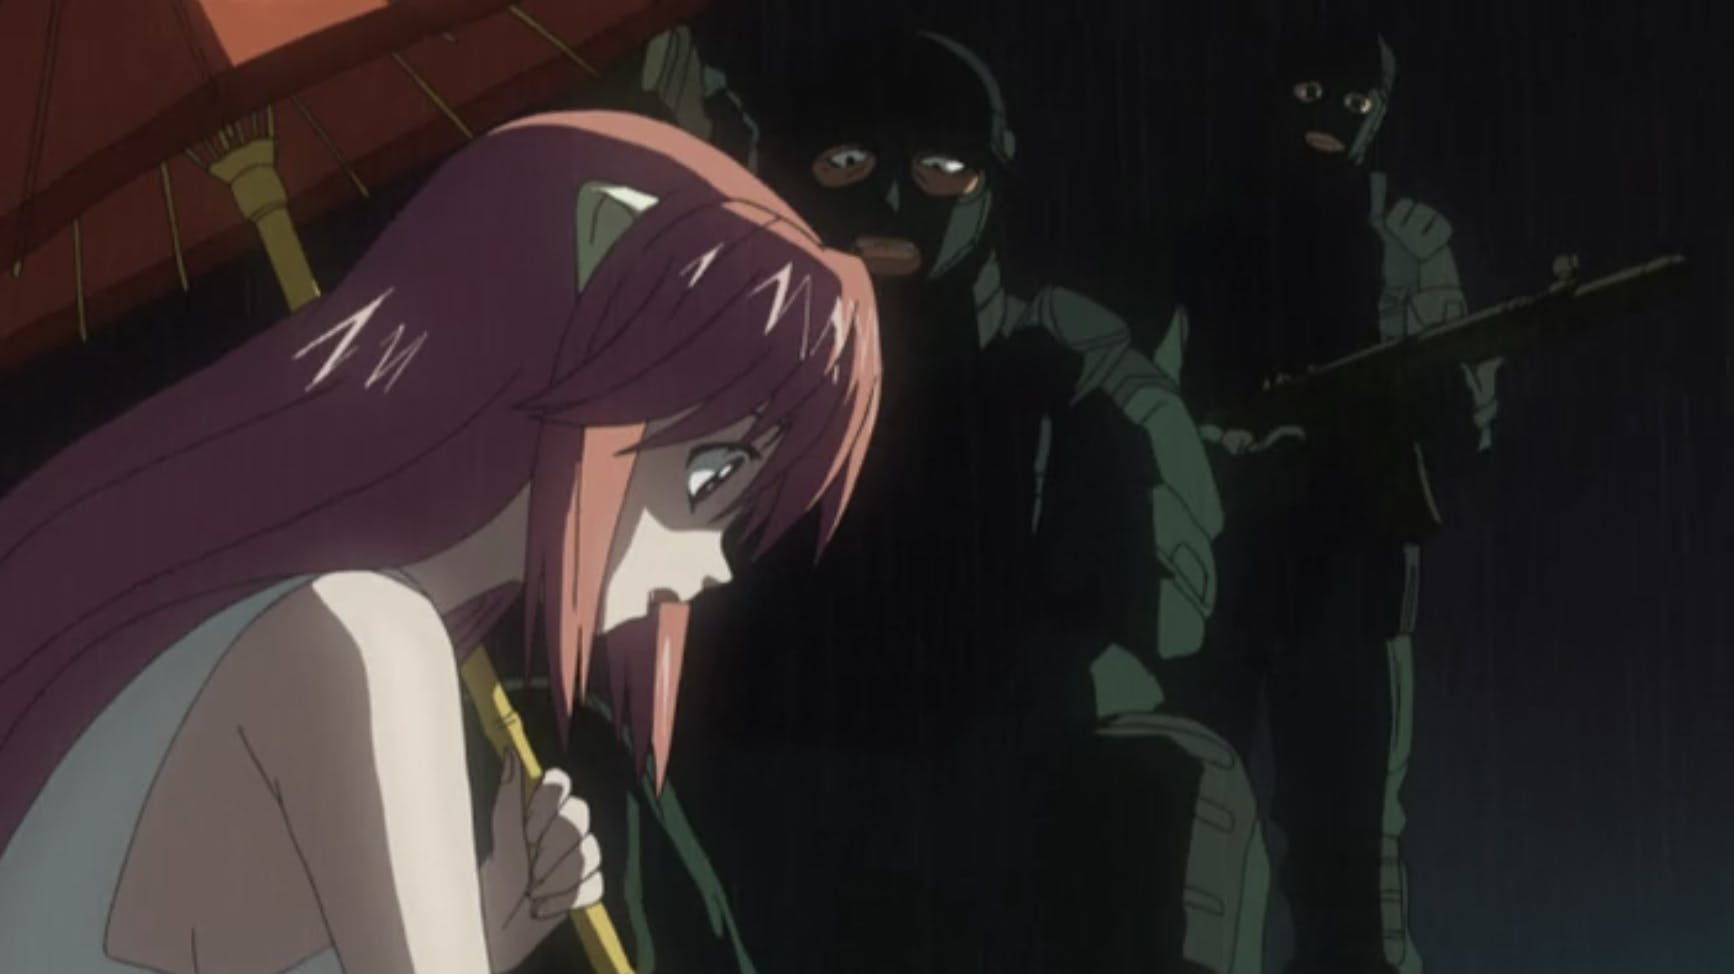 anime on amazon prime - Elfen Lied